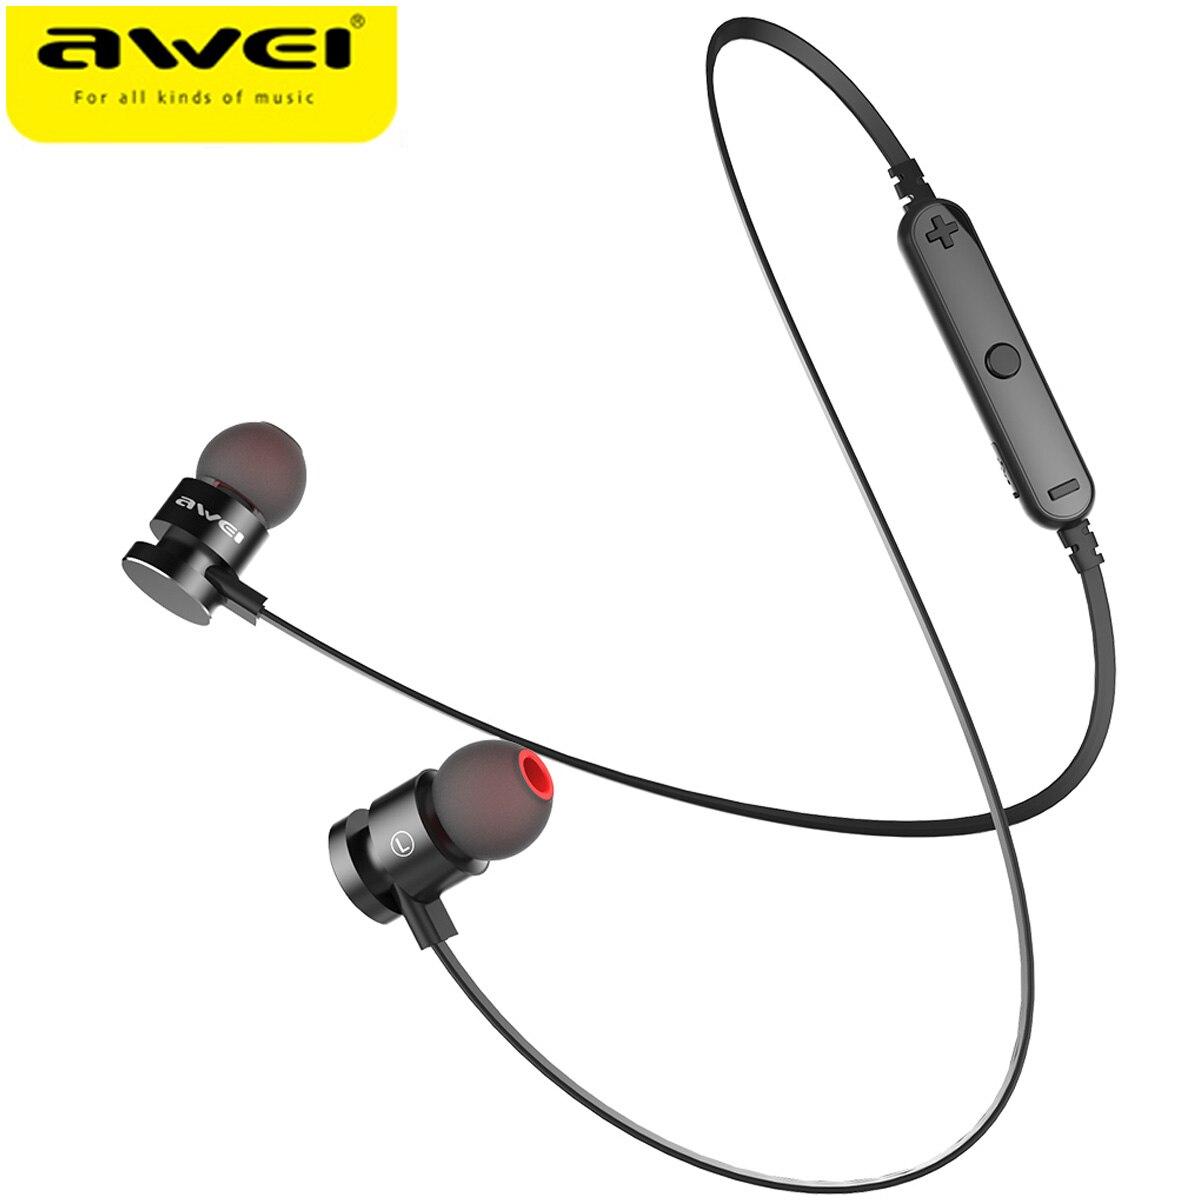 2017 Più Nuovo AWEI T11 Cuffia Senza Fili Auricolare Bluetooth Fone de ouvido Per Il Telefono Neckband Écouteur Cuffie Bluetooth V4.2